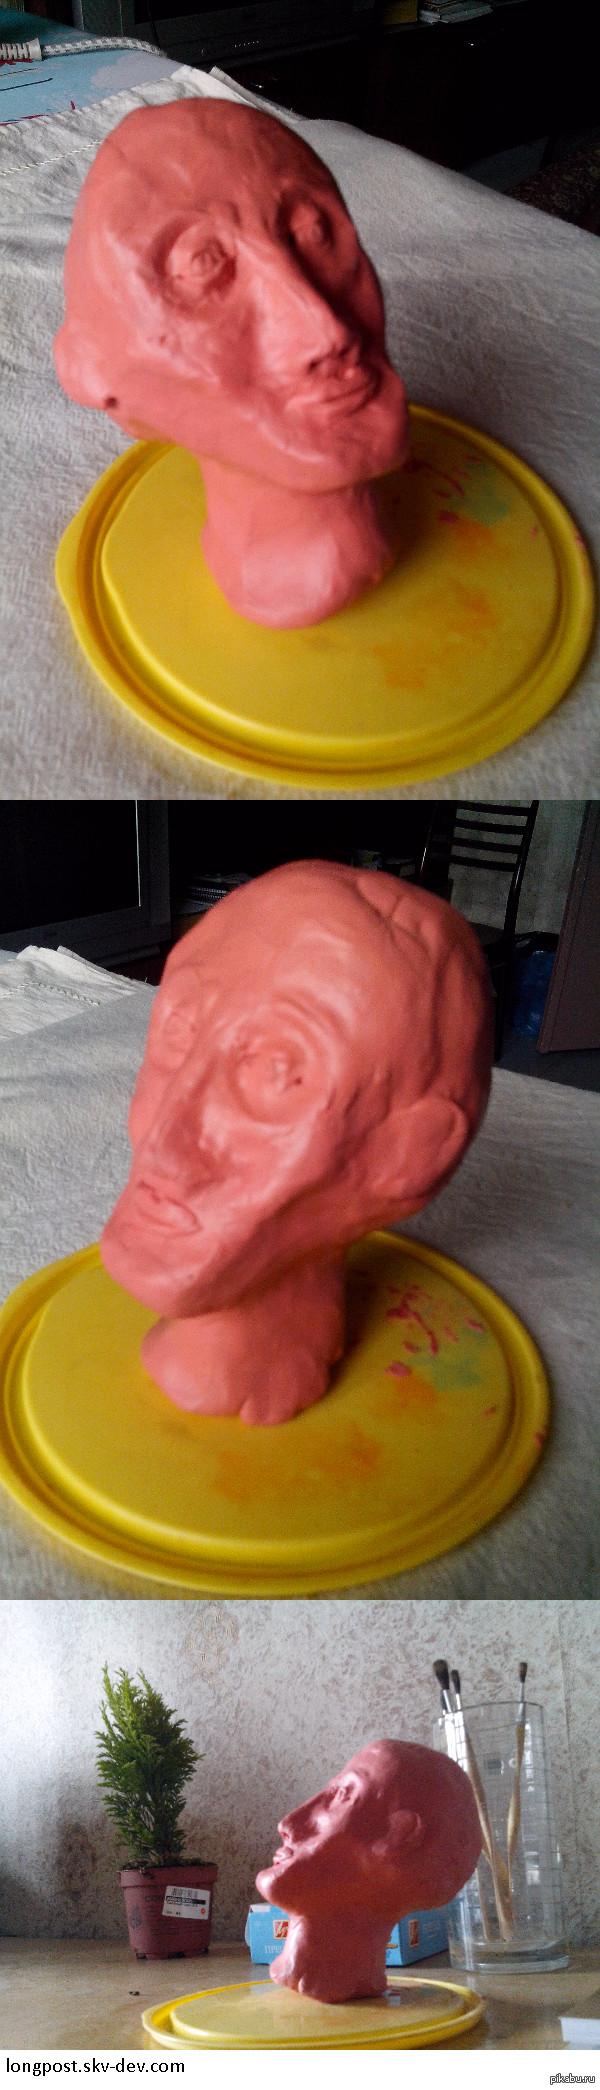 Первый опыт лепки. Скульптурный пластилин Странное чувство,когда трогаешь руками такую маленькую голову,которую сам же смастерил.  Скульптурный пластилин идеален для лепки, вроде и твёрдый, но податливы